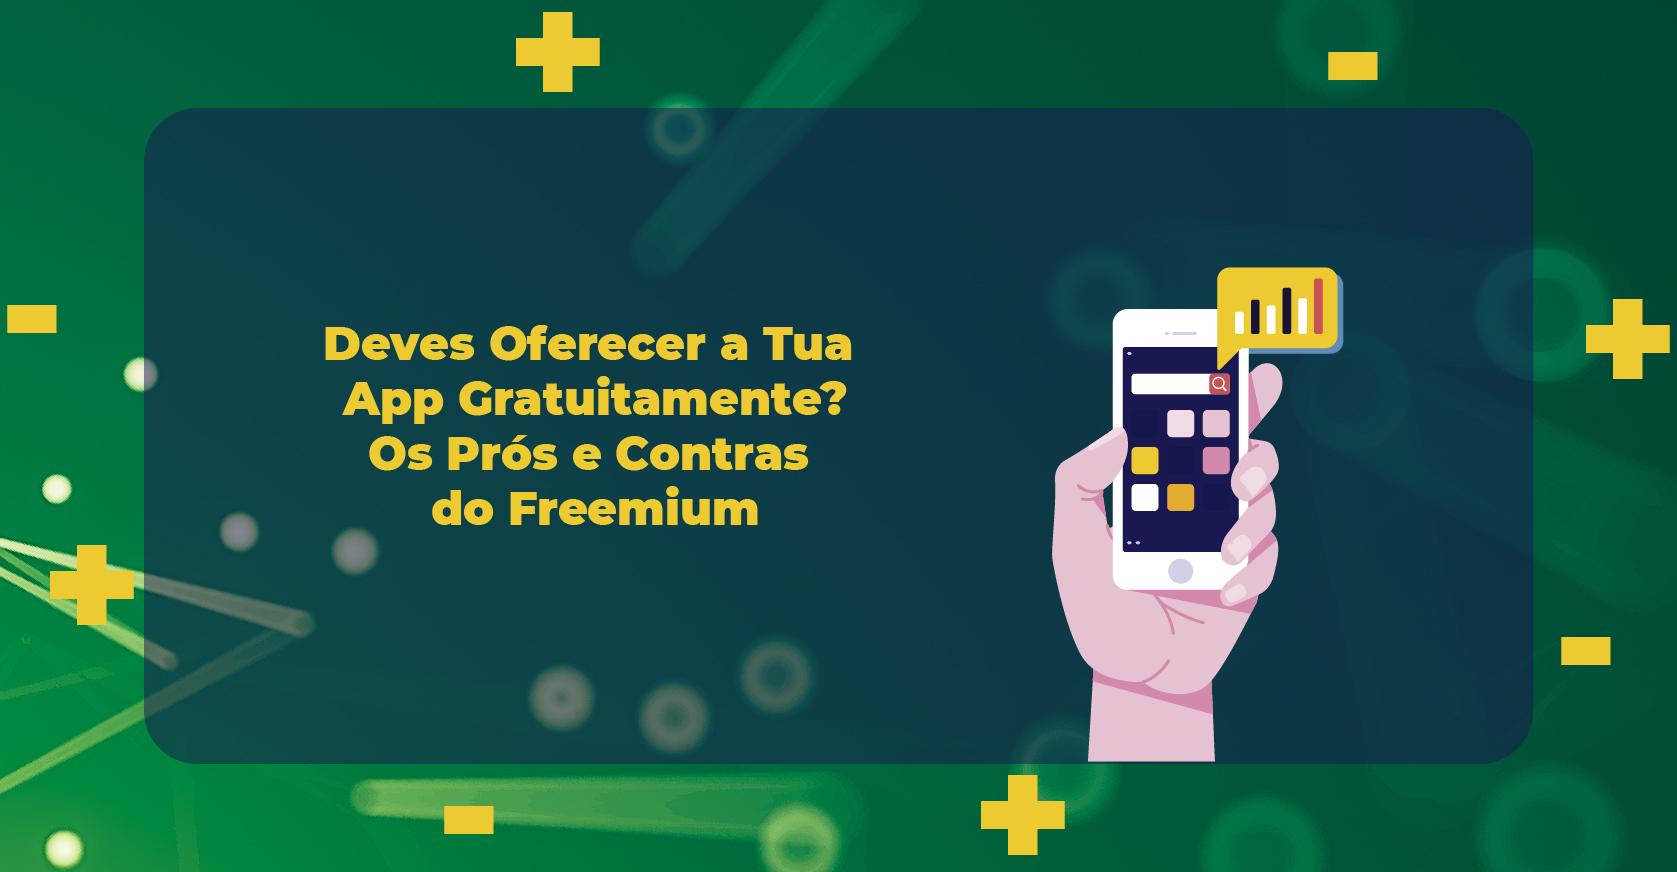 Deves Oferecer a Tua App Gratuitamente? Os Prós e Contras do Freemium